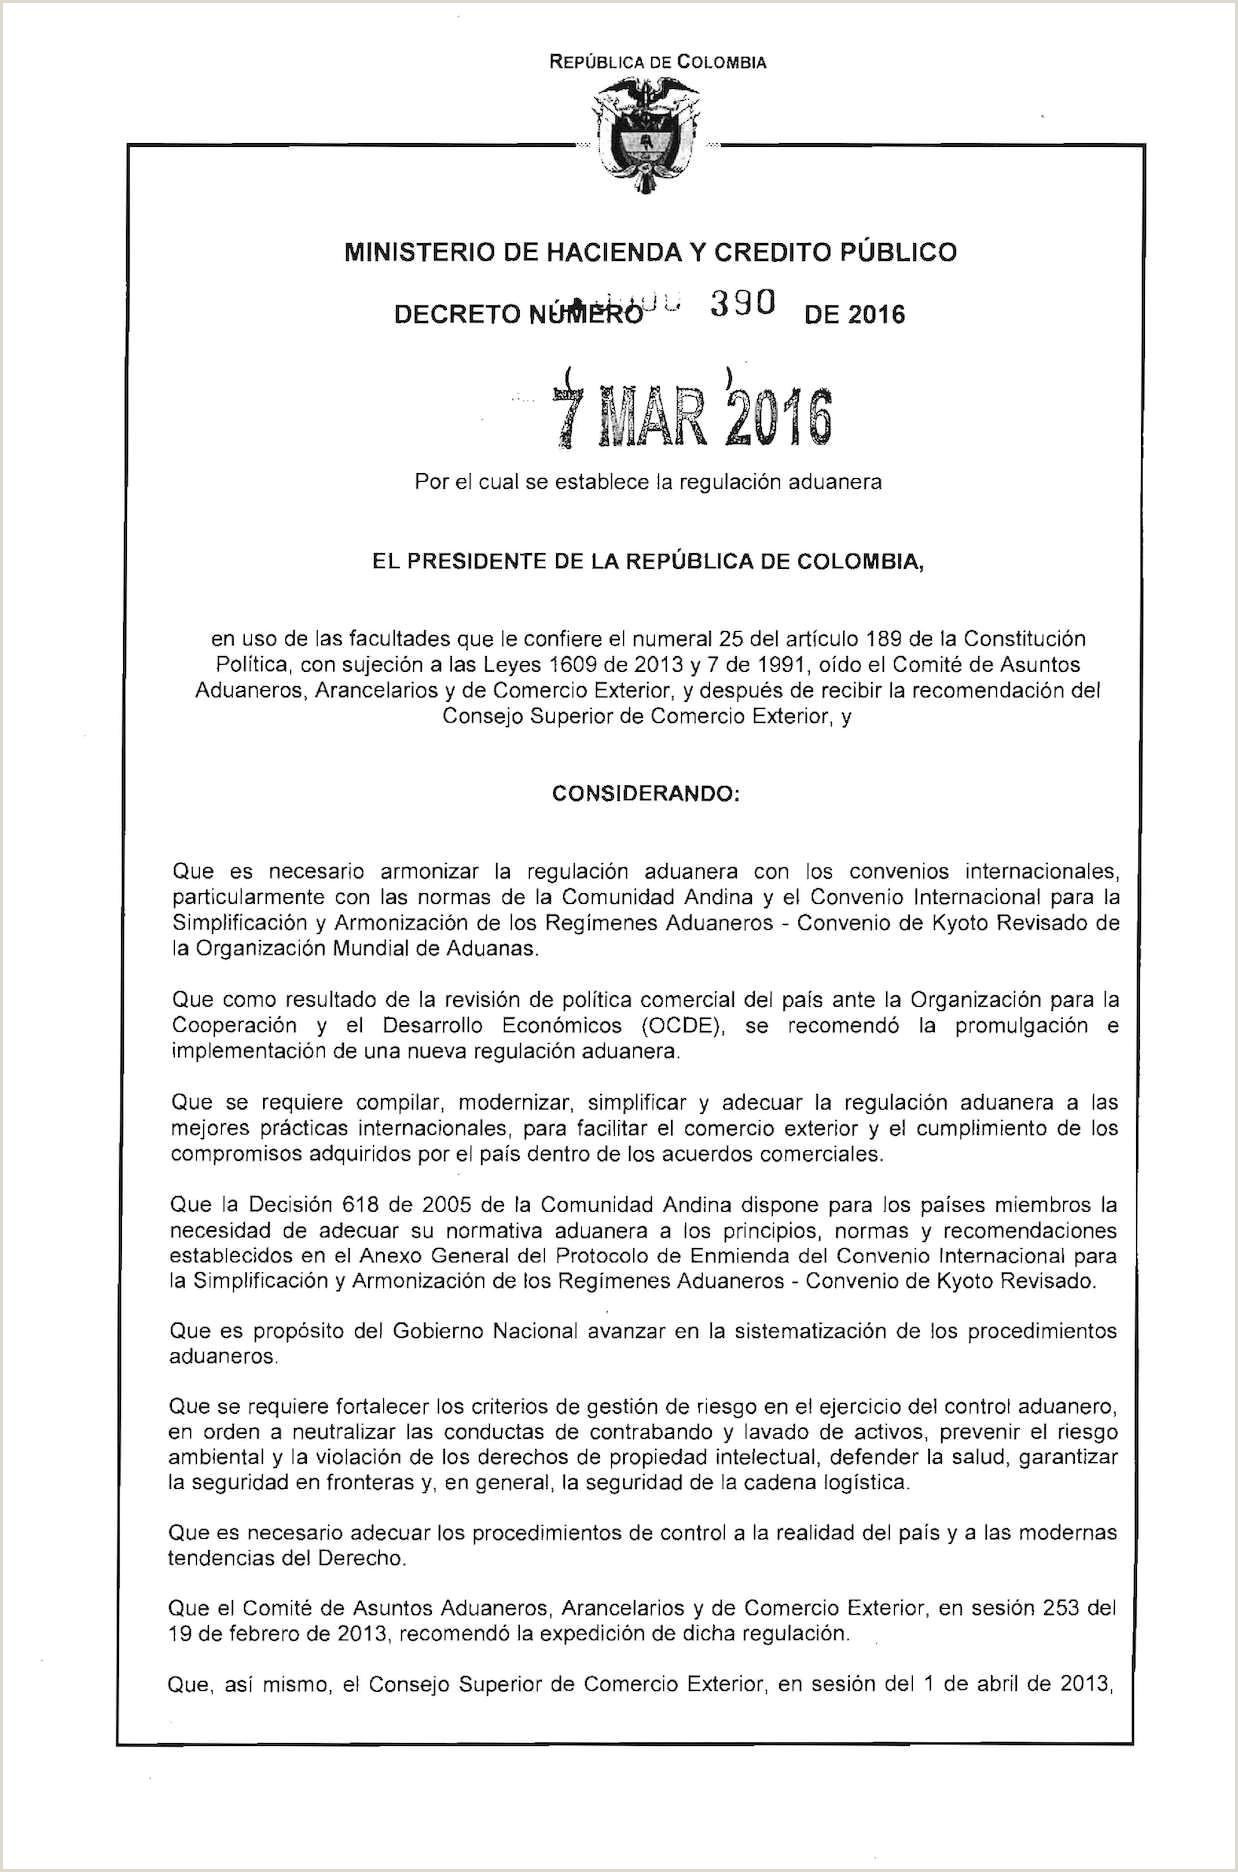 Hoja De Vida formato Unico Y Declaracion Juramentada De Bienes Y Rentas Calaméo Decreto 390 Del 07de Marzo De 2016